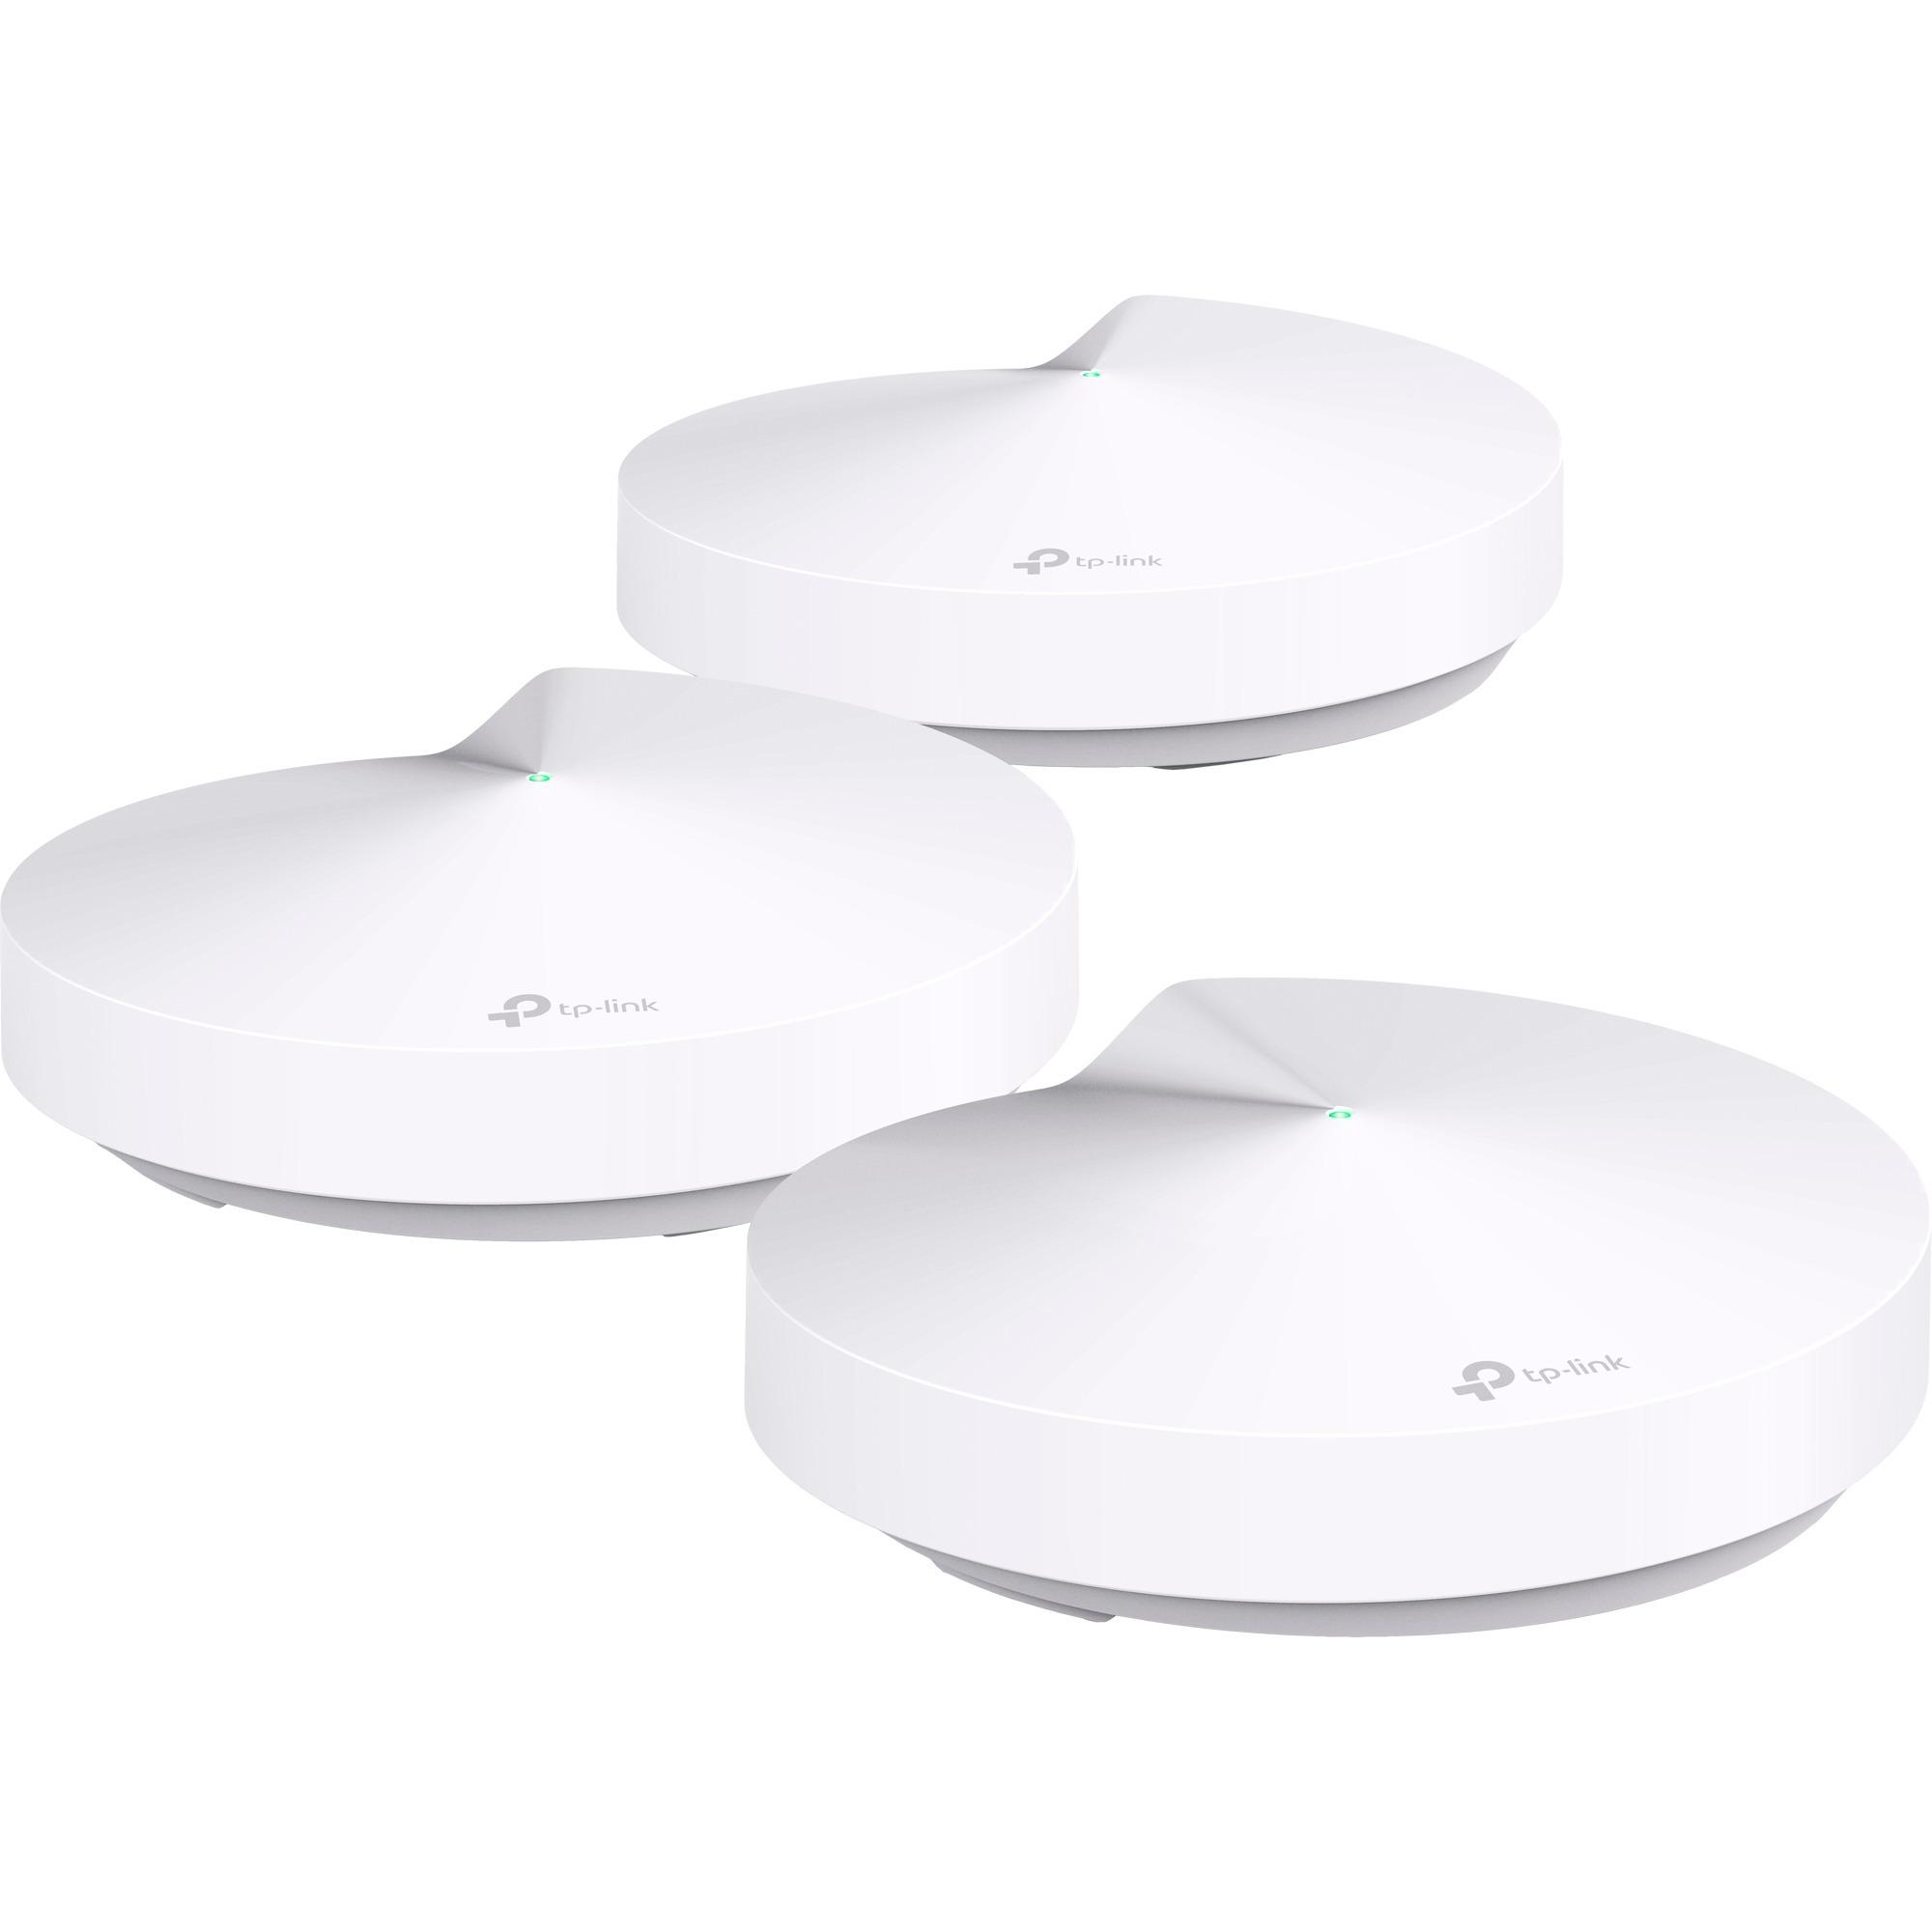 Deco M5, 3-Pack 1300Mbit/s Blanc point d'accès réseaux locaux sans fil, Routeur de maille